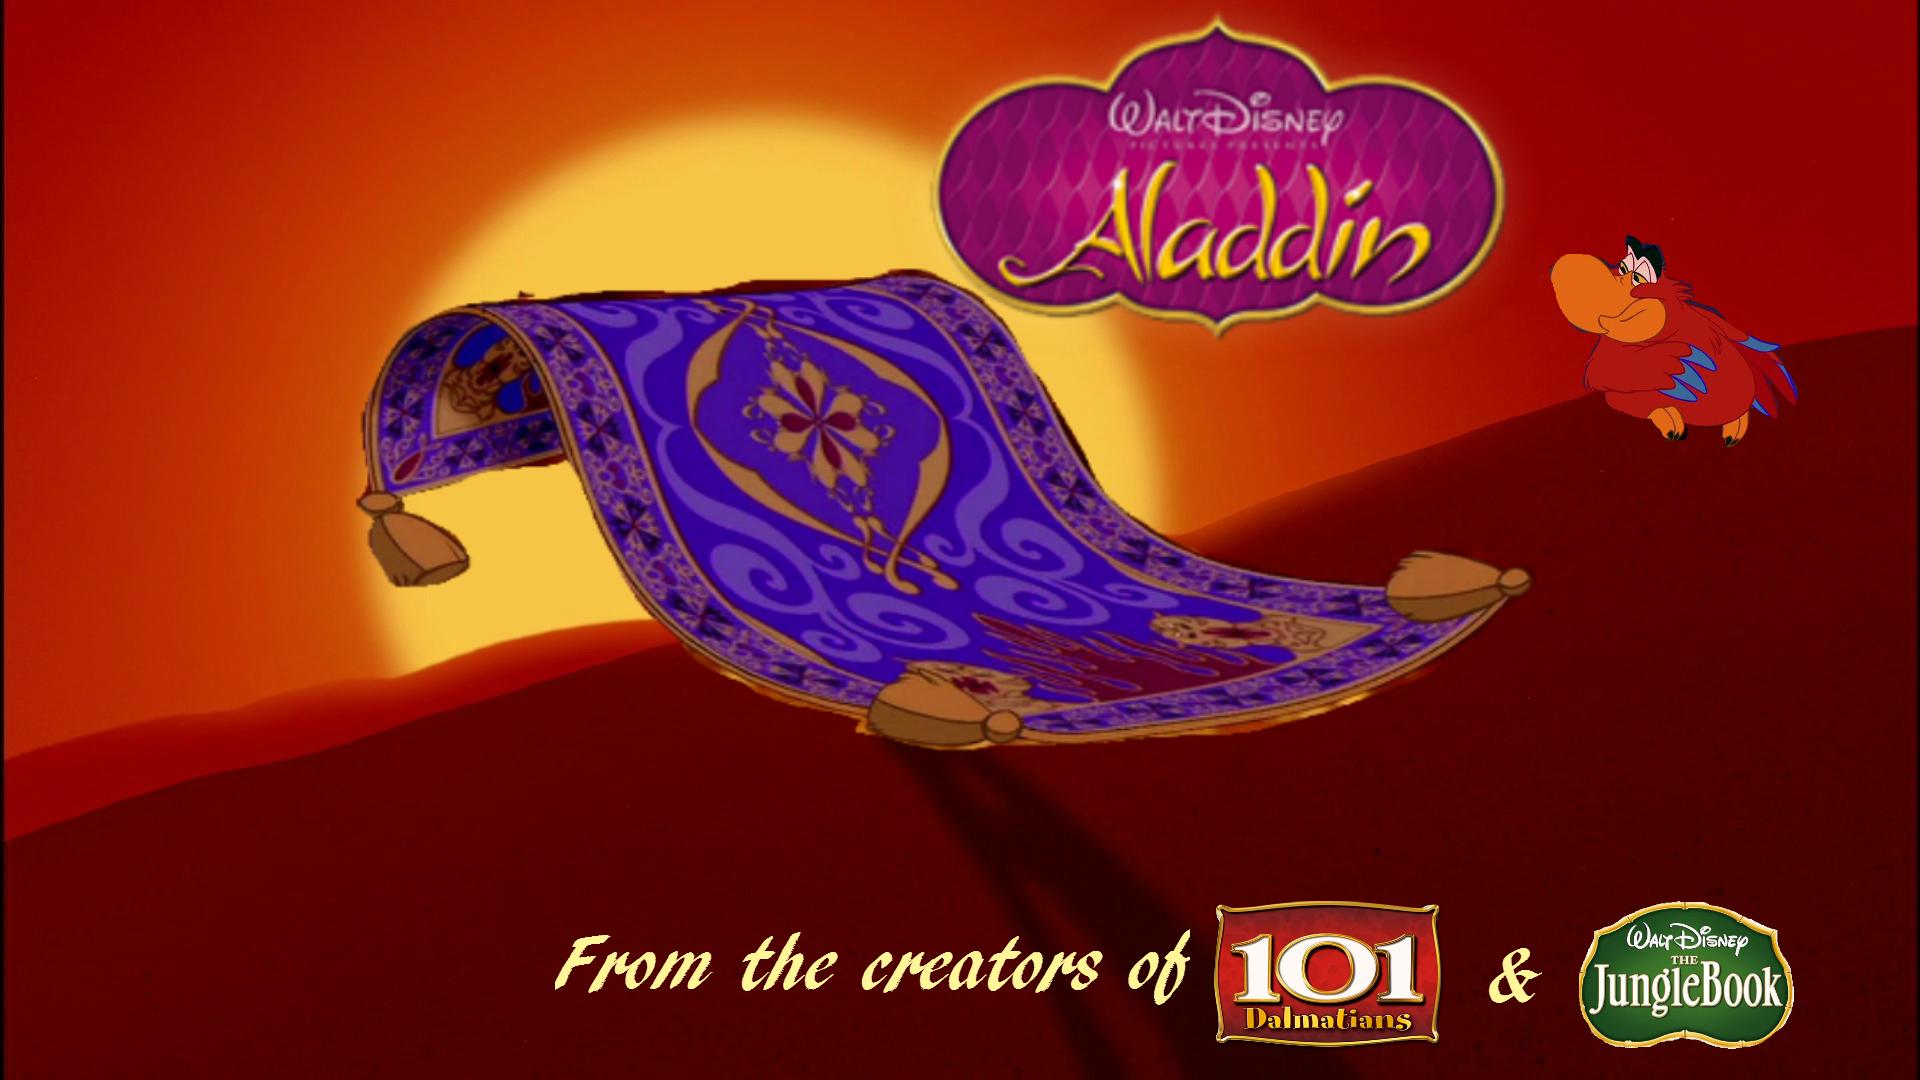 Image Aladdin Carpet Poster Png Disney Wiki Fandom